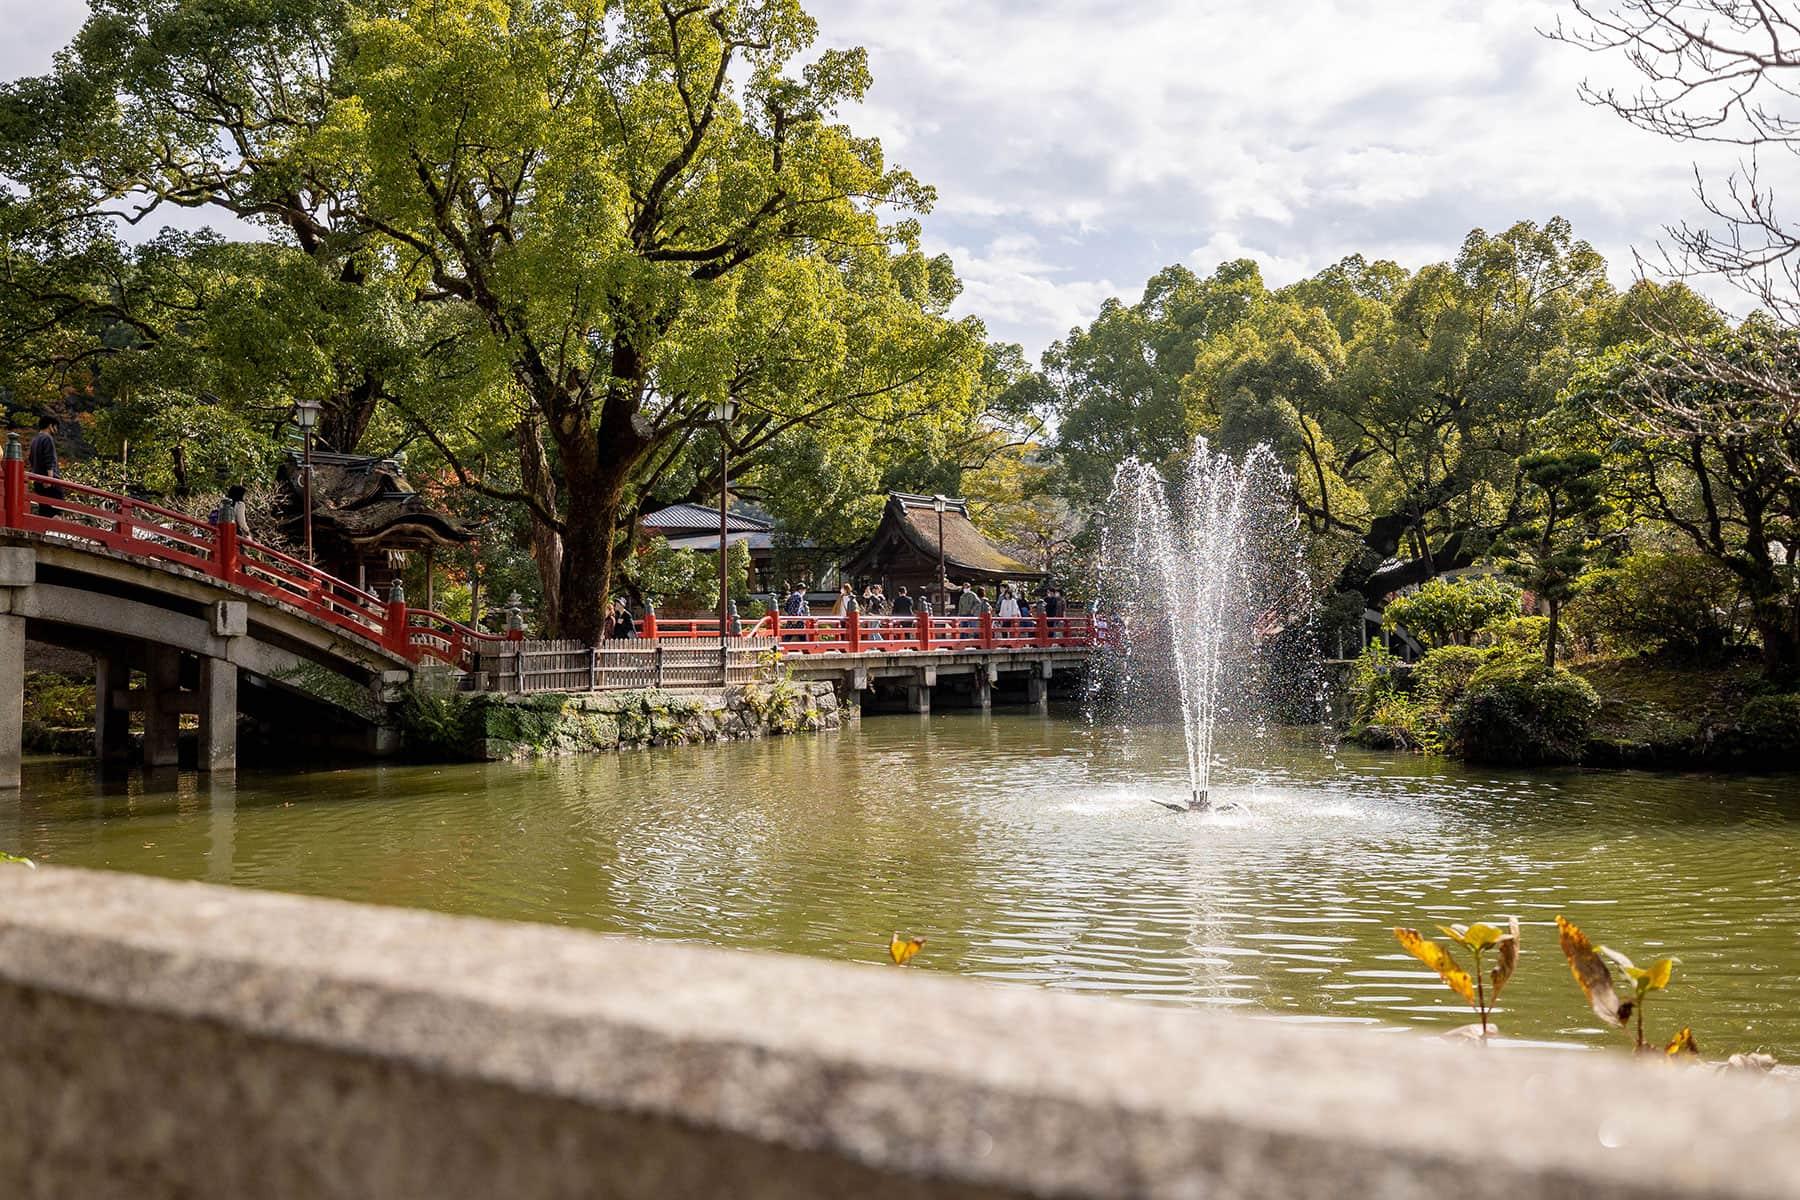 太宰府天満宮の池